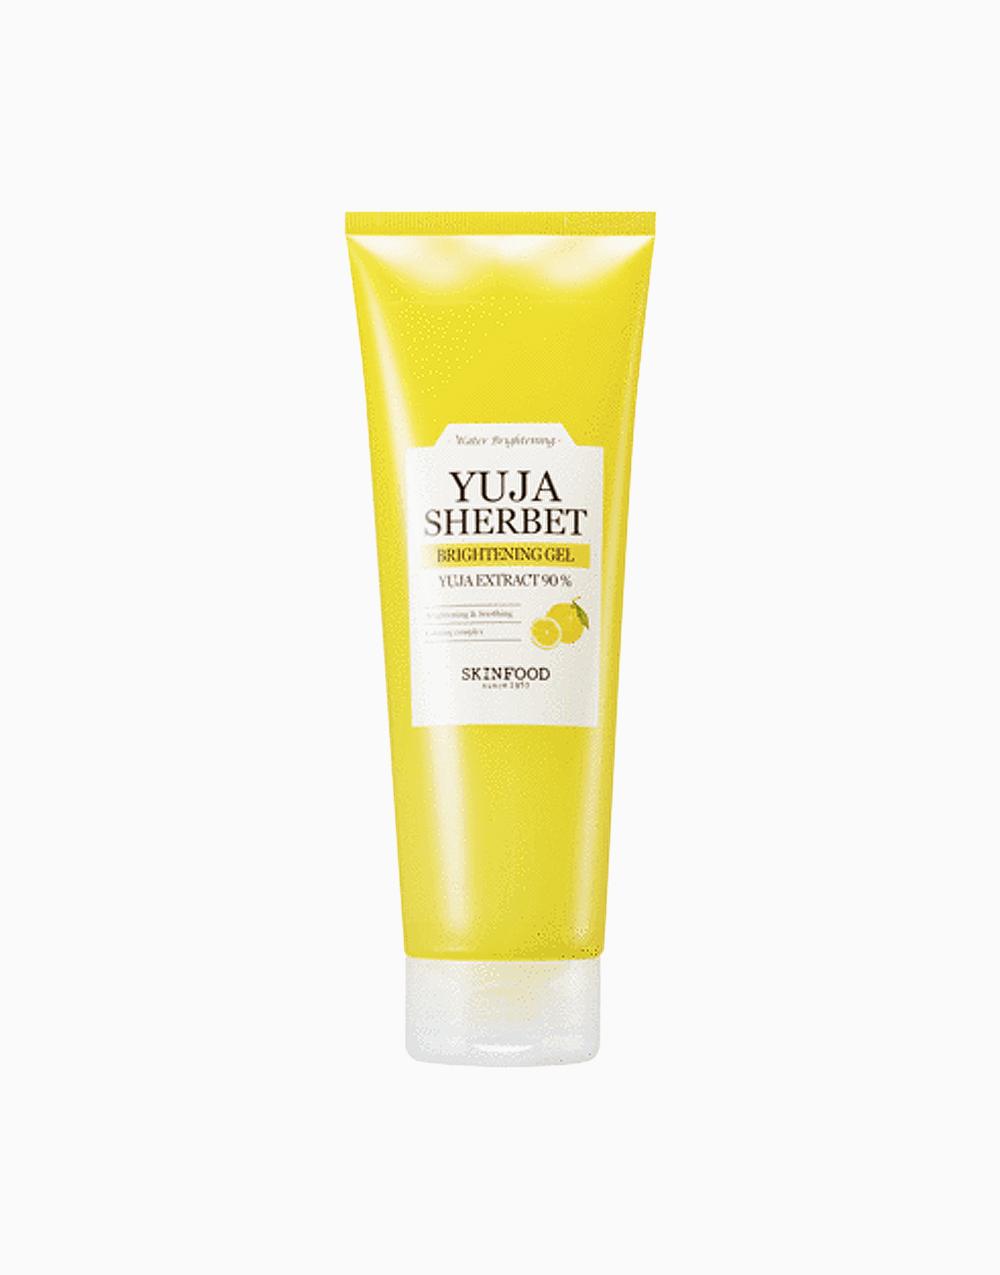 Yuja Sherbet Brightening Gel 90% by Skinfood